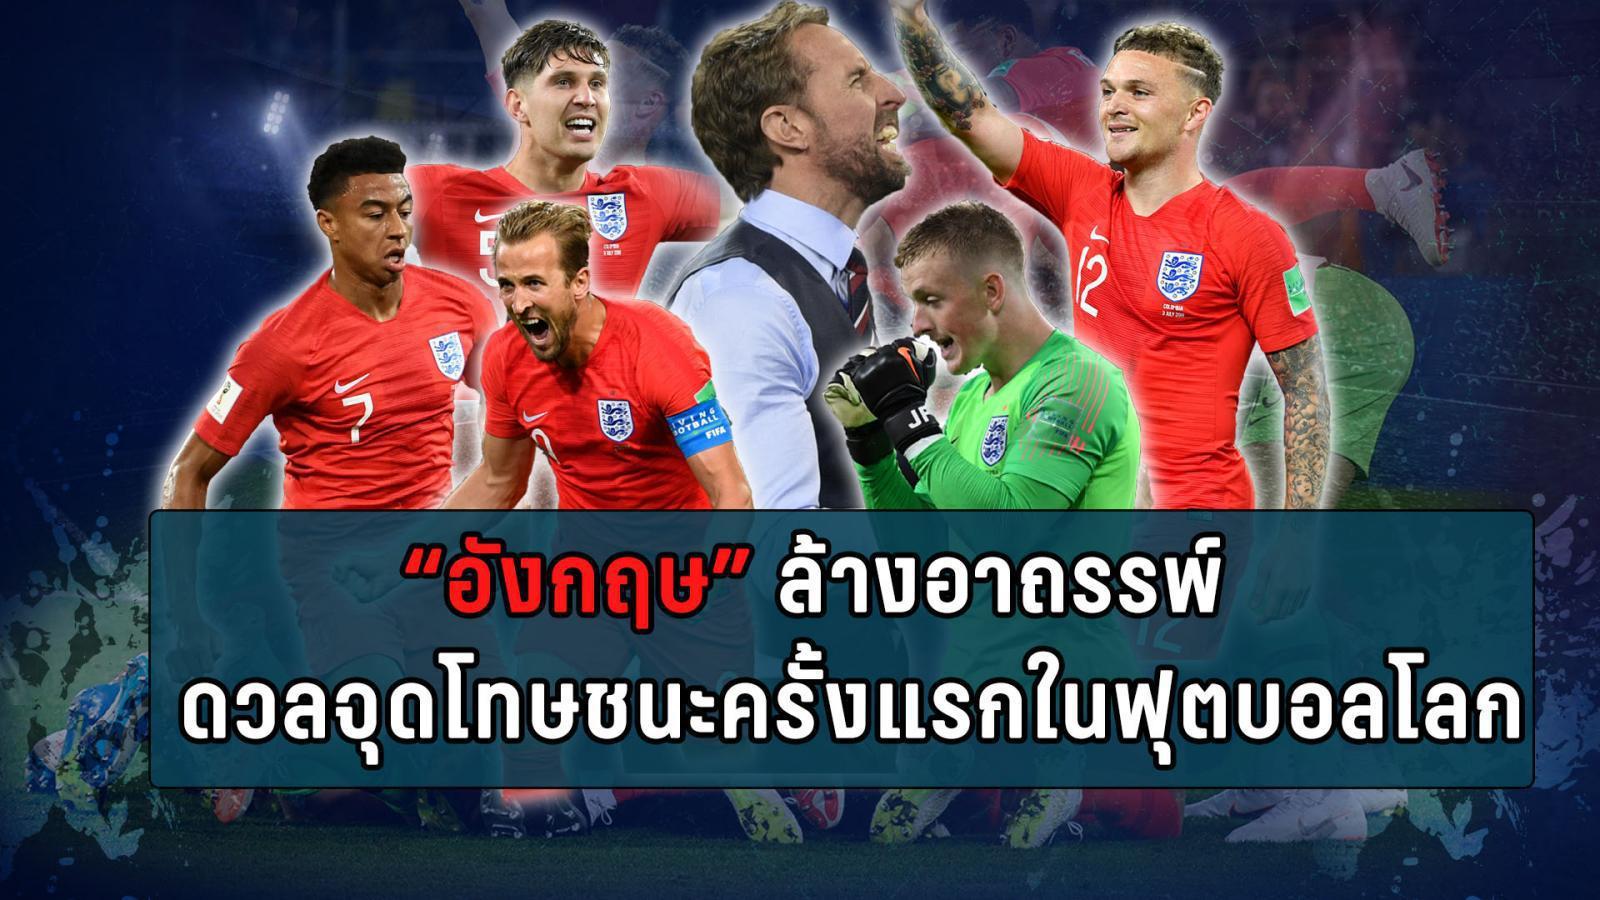 เป่าฟาวล์ เขี่ยบอลโลก | เคาะหลังเกม อังกฤษ ล้างอาถรรพ์จุดโทษบอลโลกทะลุเข้ารอบ 8 ทีม | 4 ก.ค. 61